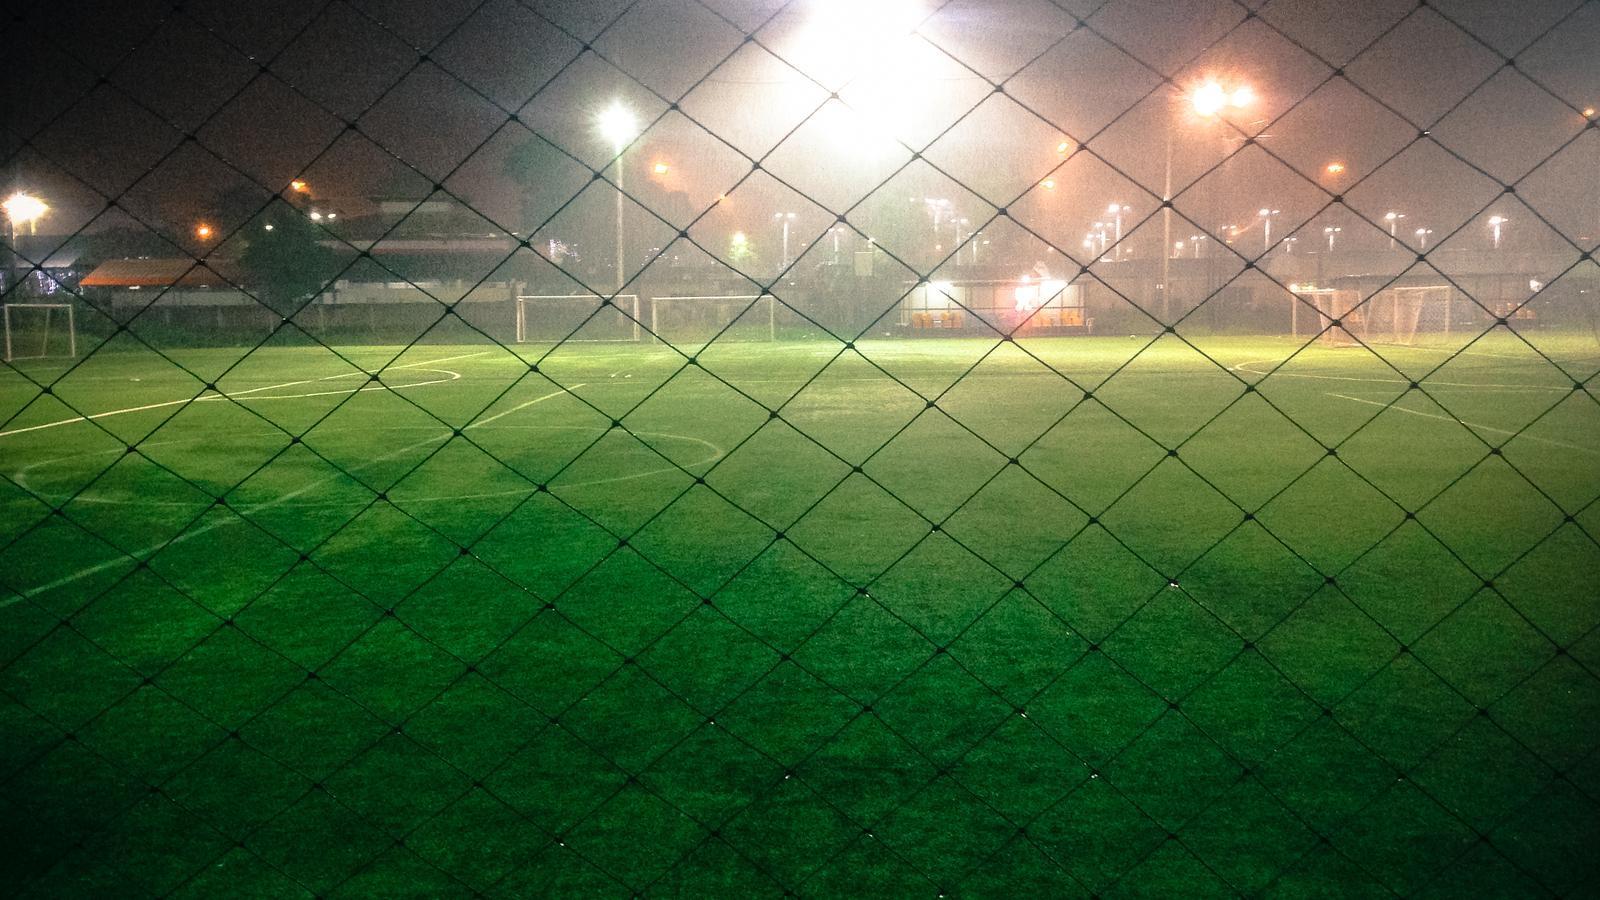 Un camp de futbol, de nit, en una imatge d'arxiu